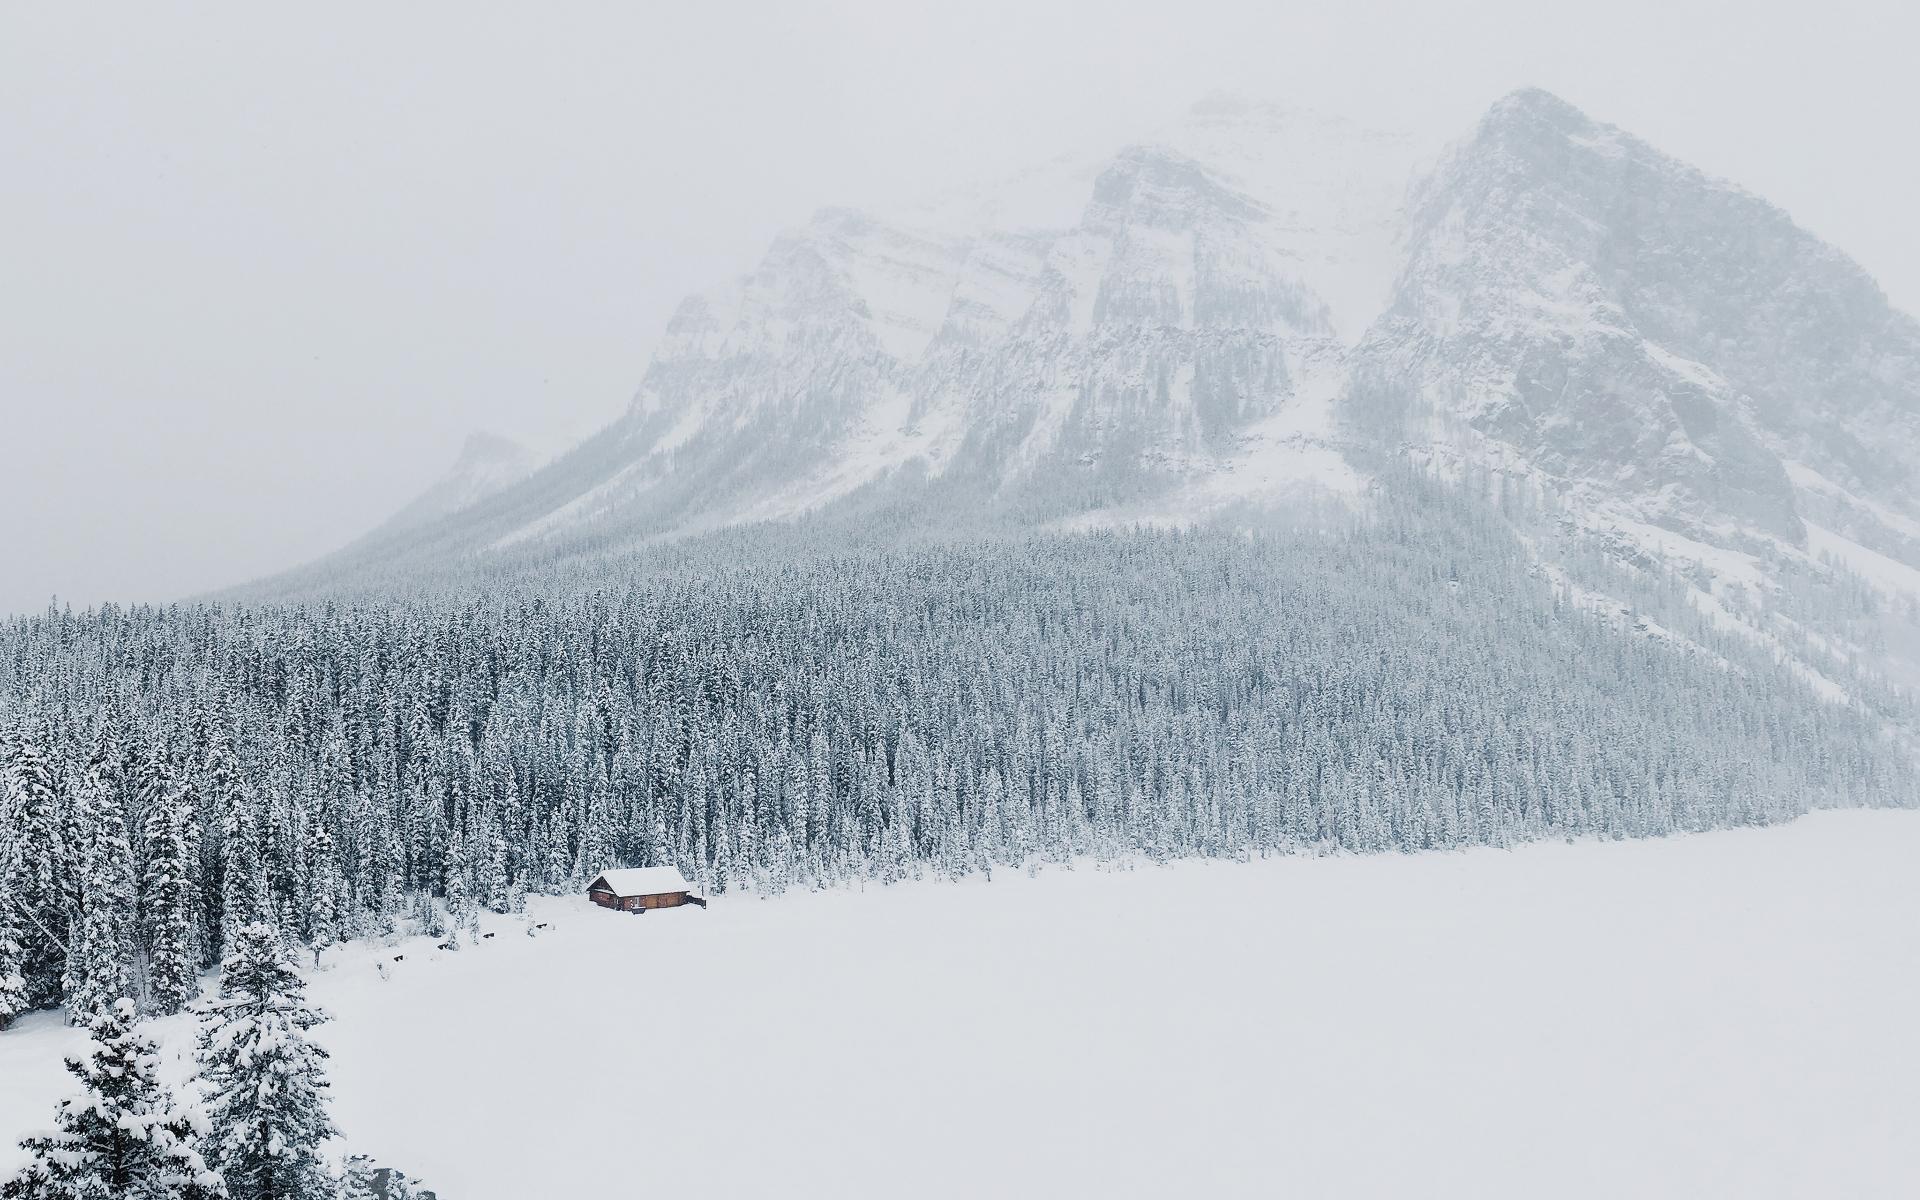 Картинки Зима, снег, горы, деревья фото и обои на рабочий стол